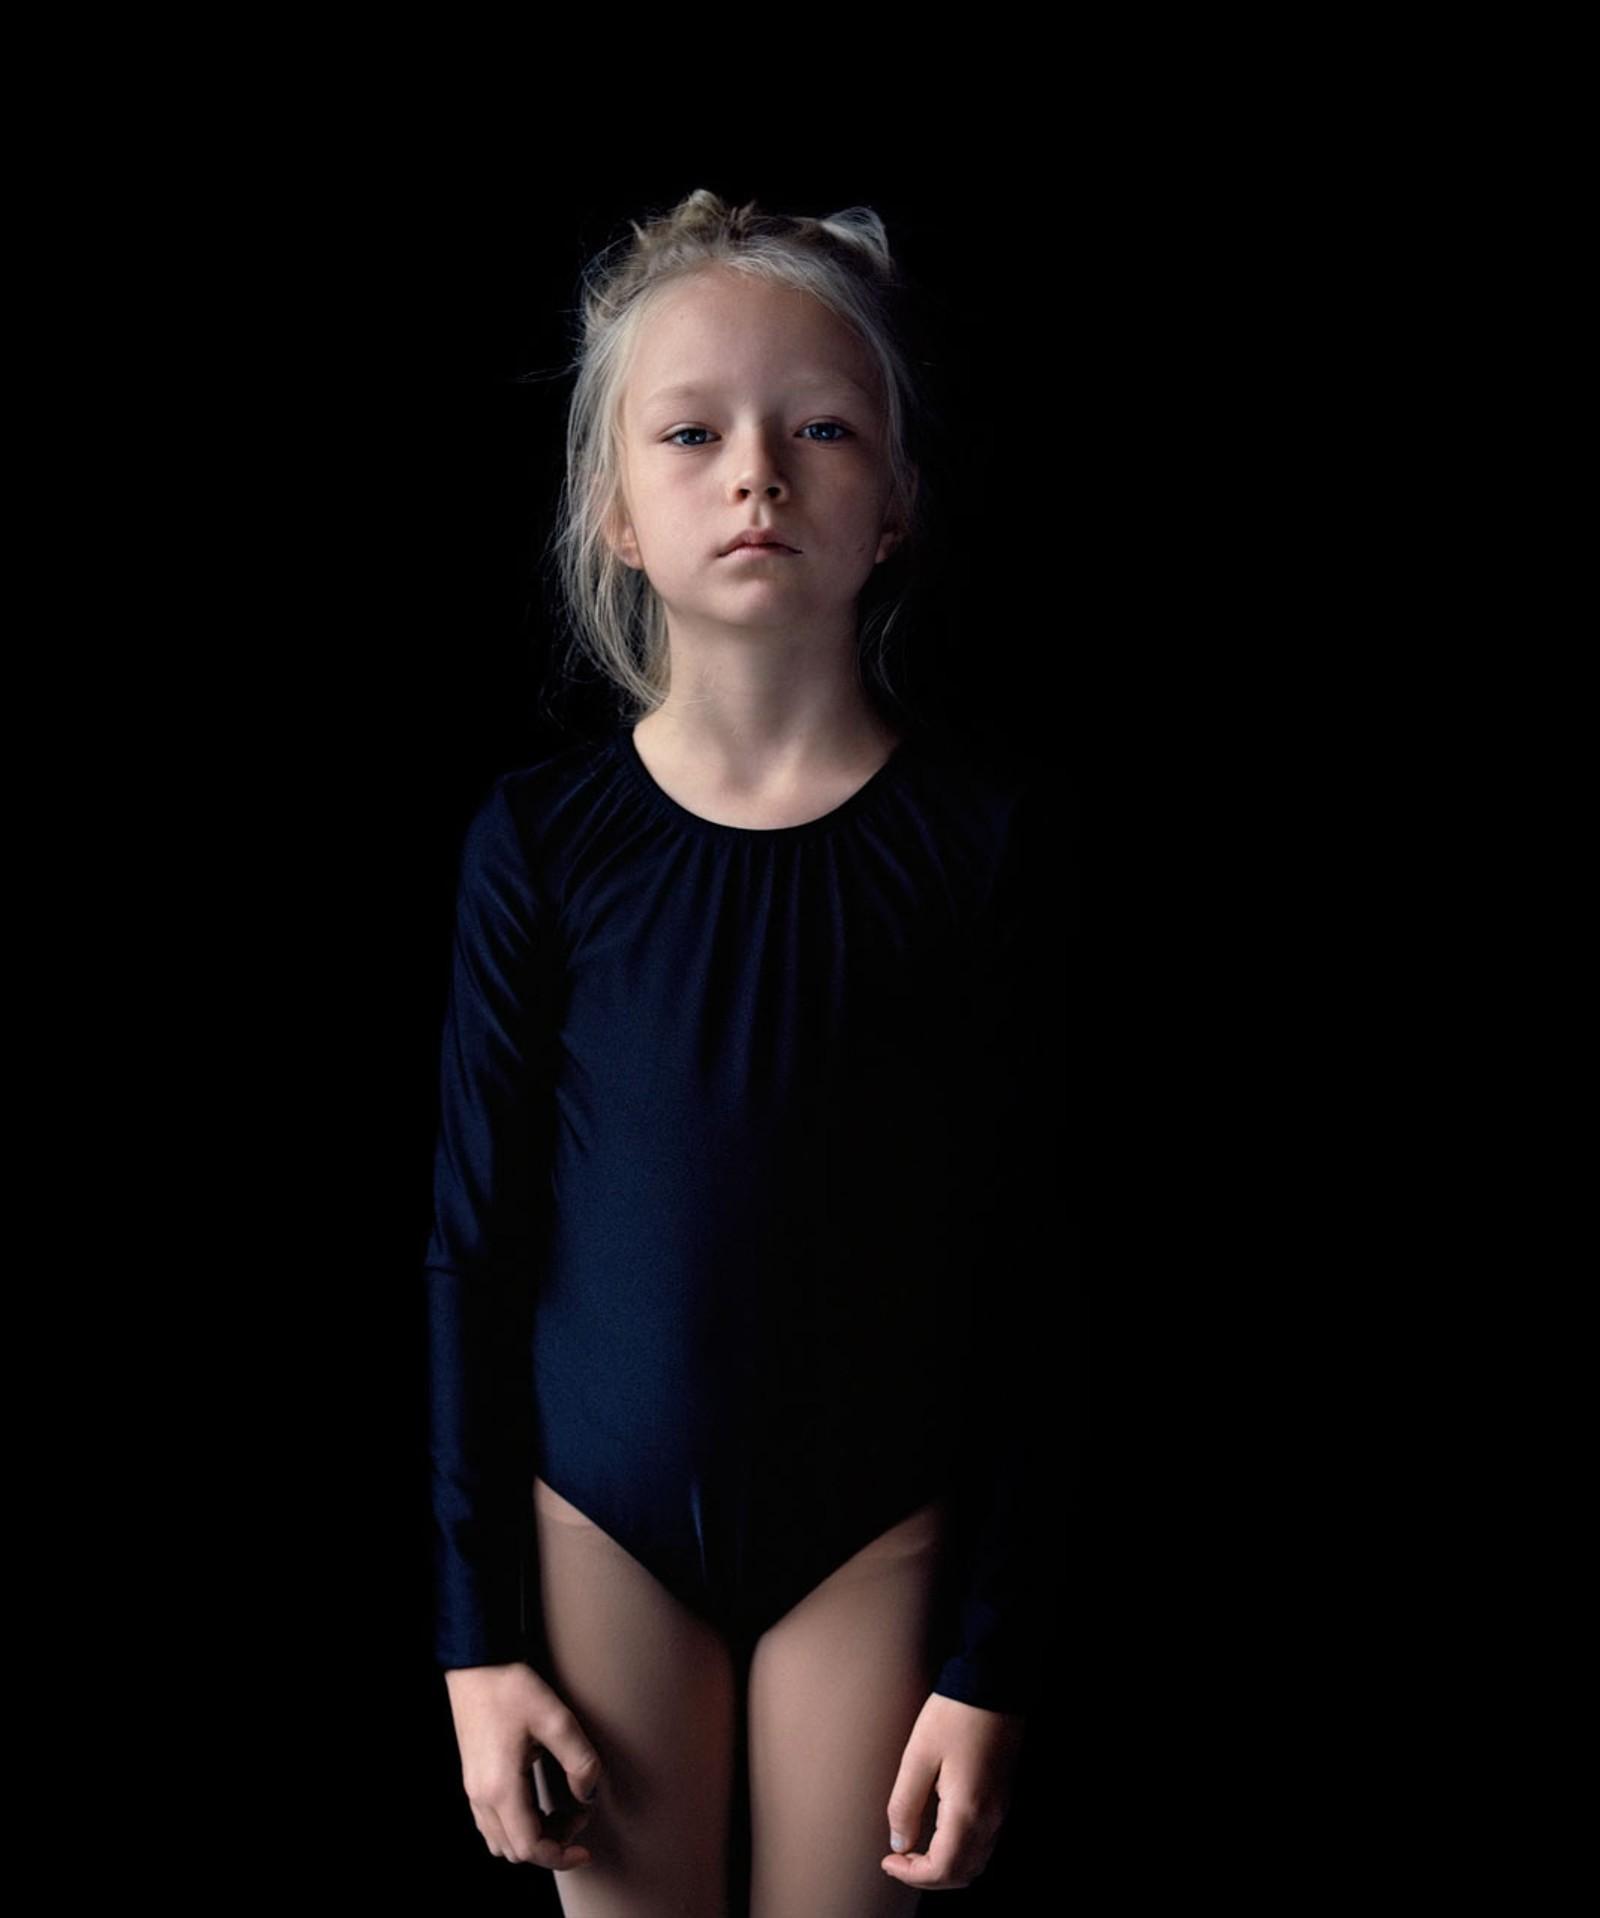 Nordic Light Internasjonale Fotofestival åpner 21. april og varer fram til 25. april.